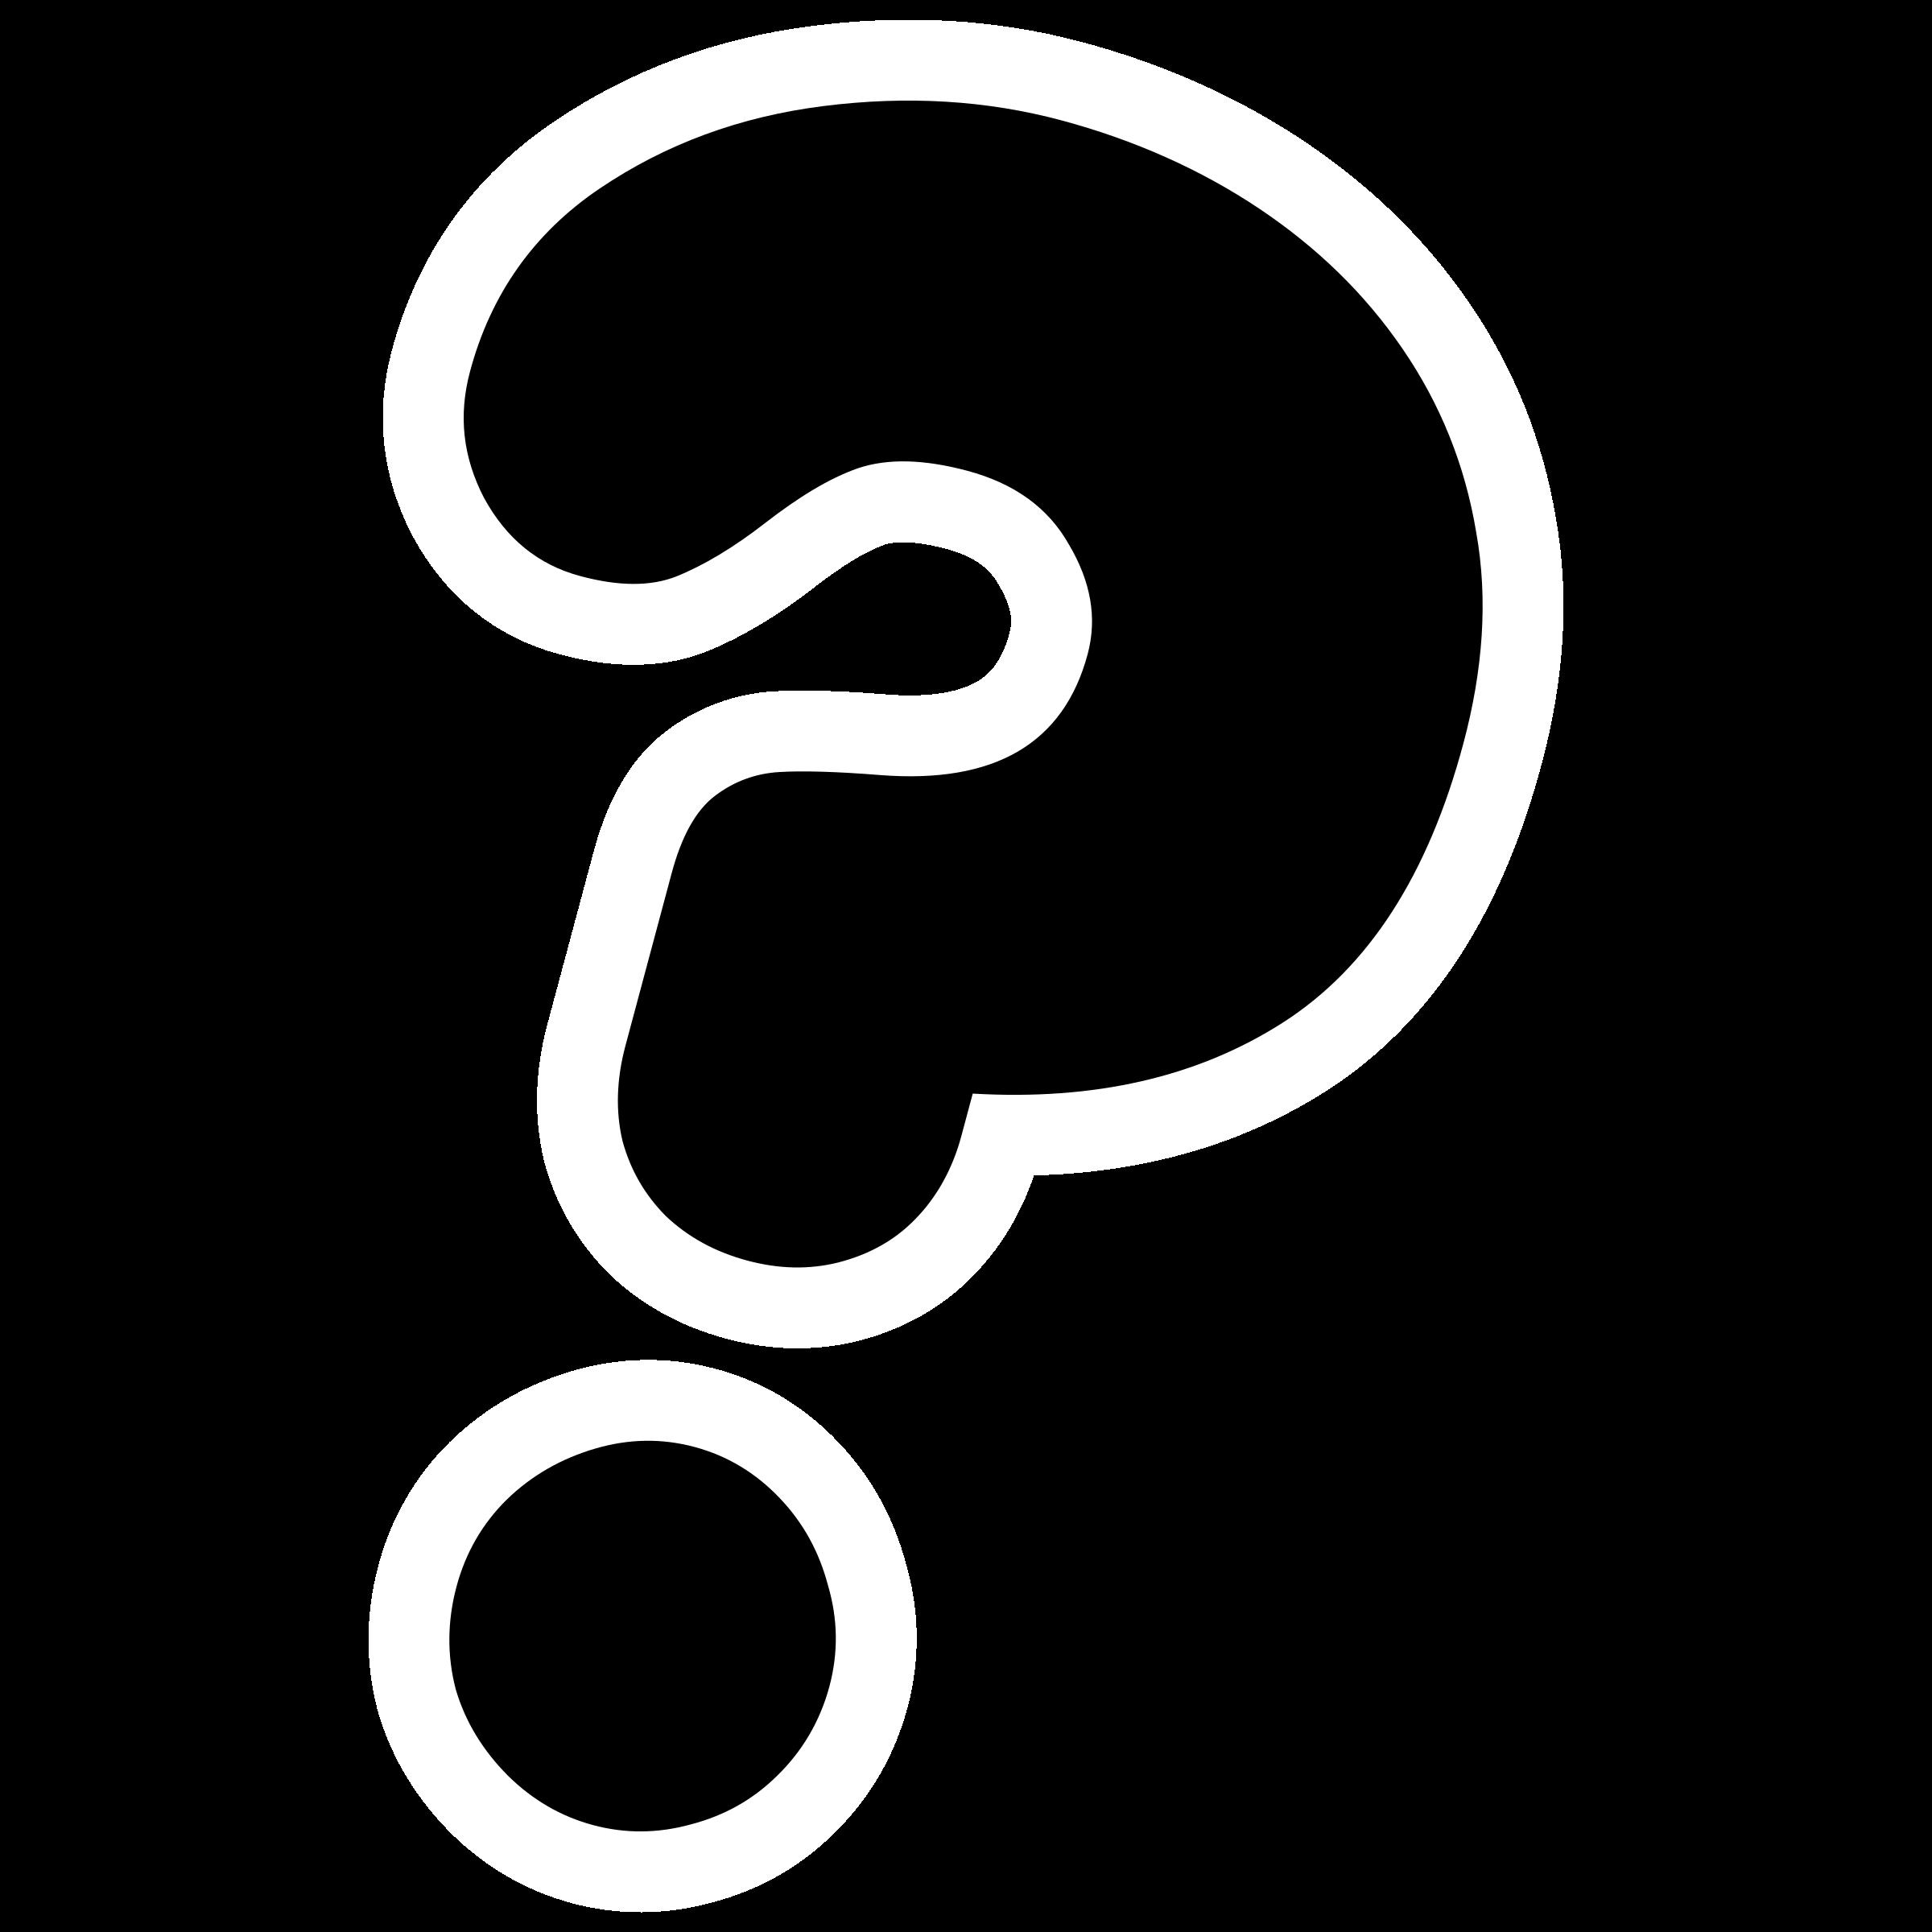 Черно белый знак вопроса картинки